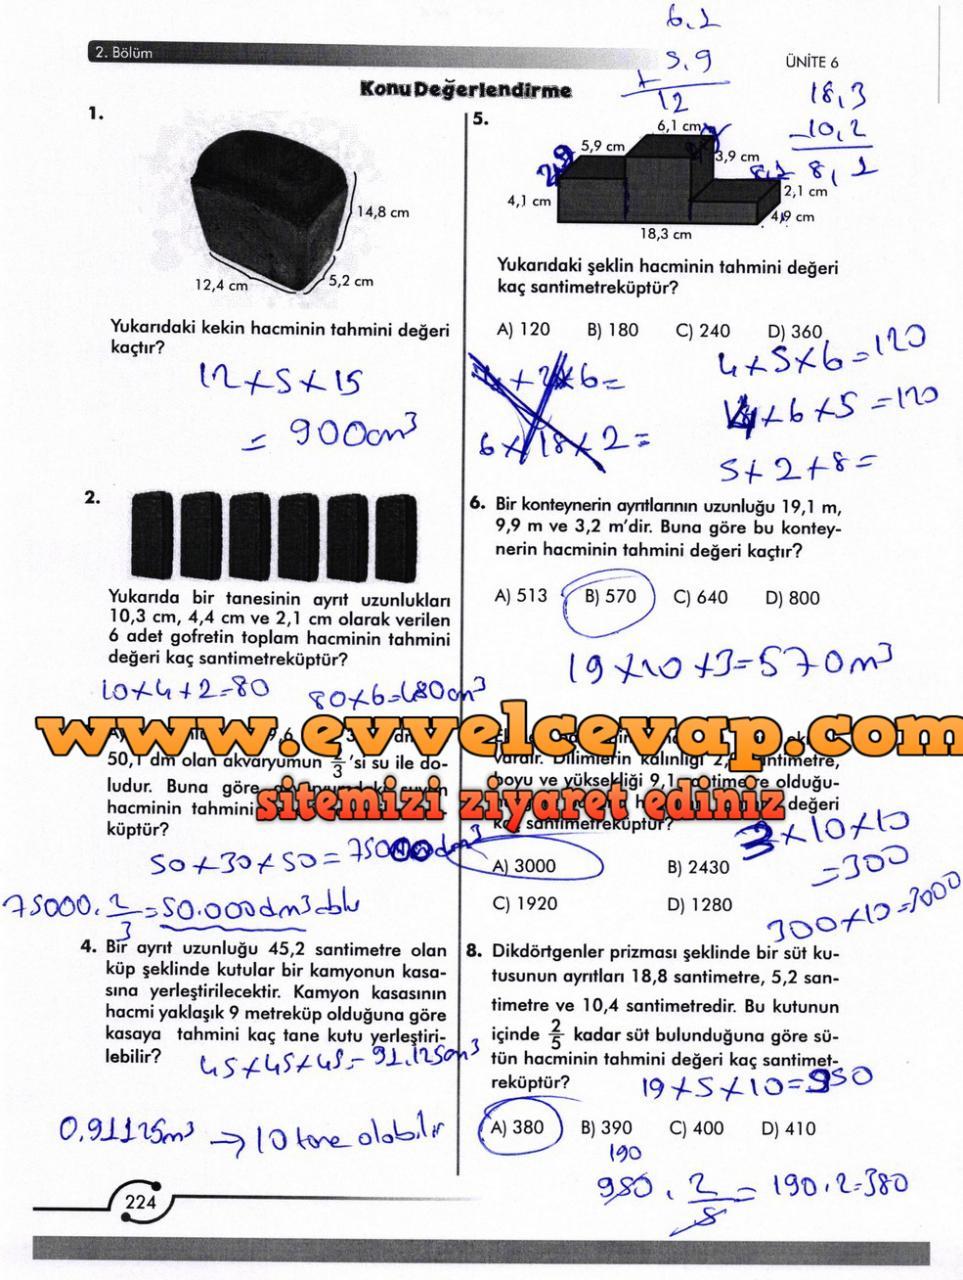 6. Sınıf Meb Yayınları Matematik Ders Kitabı Sayfa 224 Cevabı